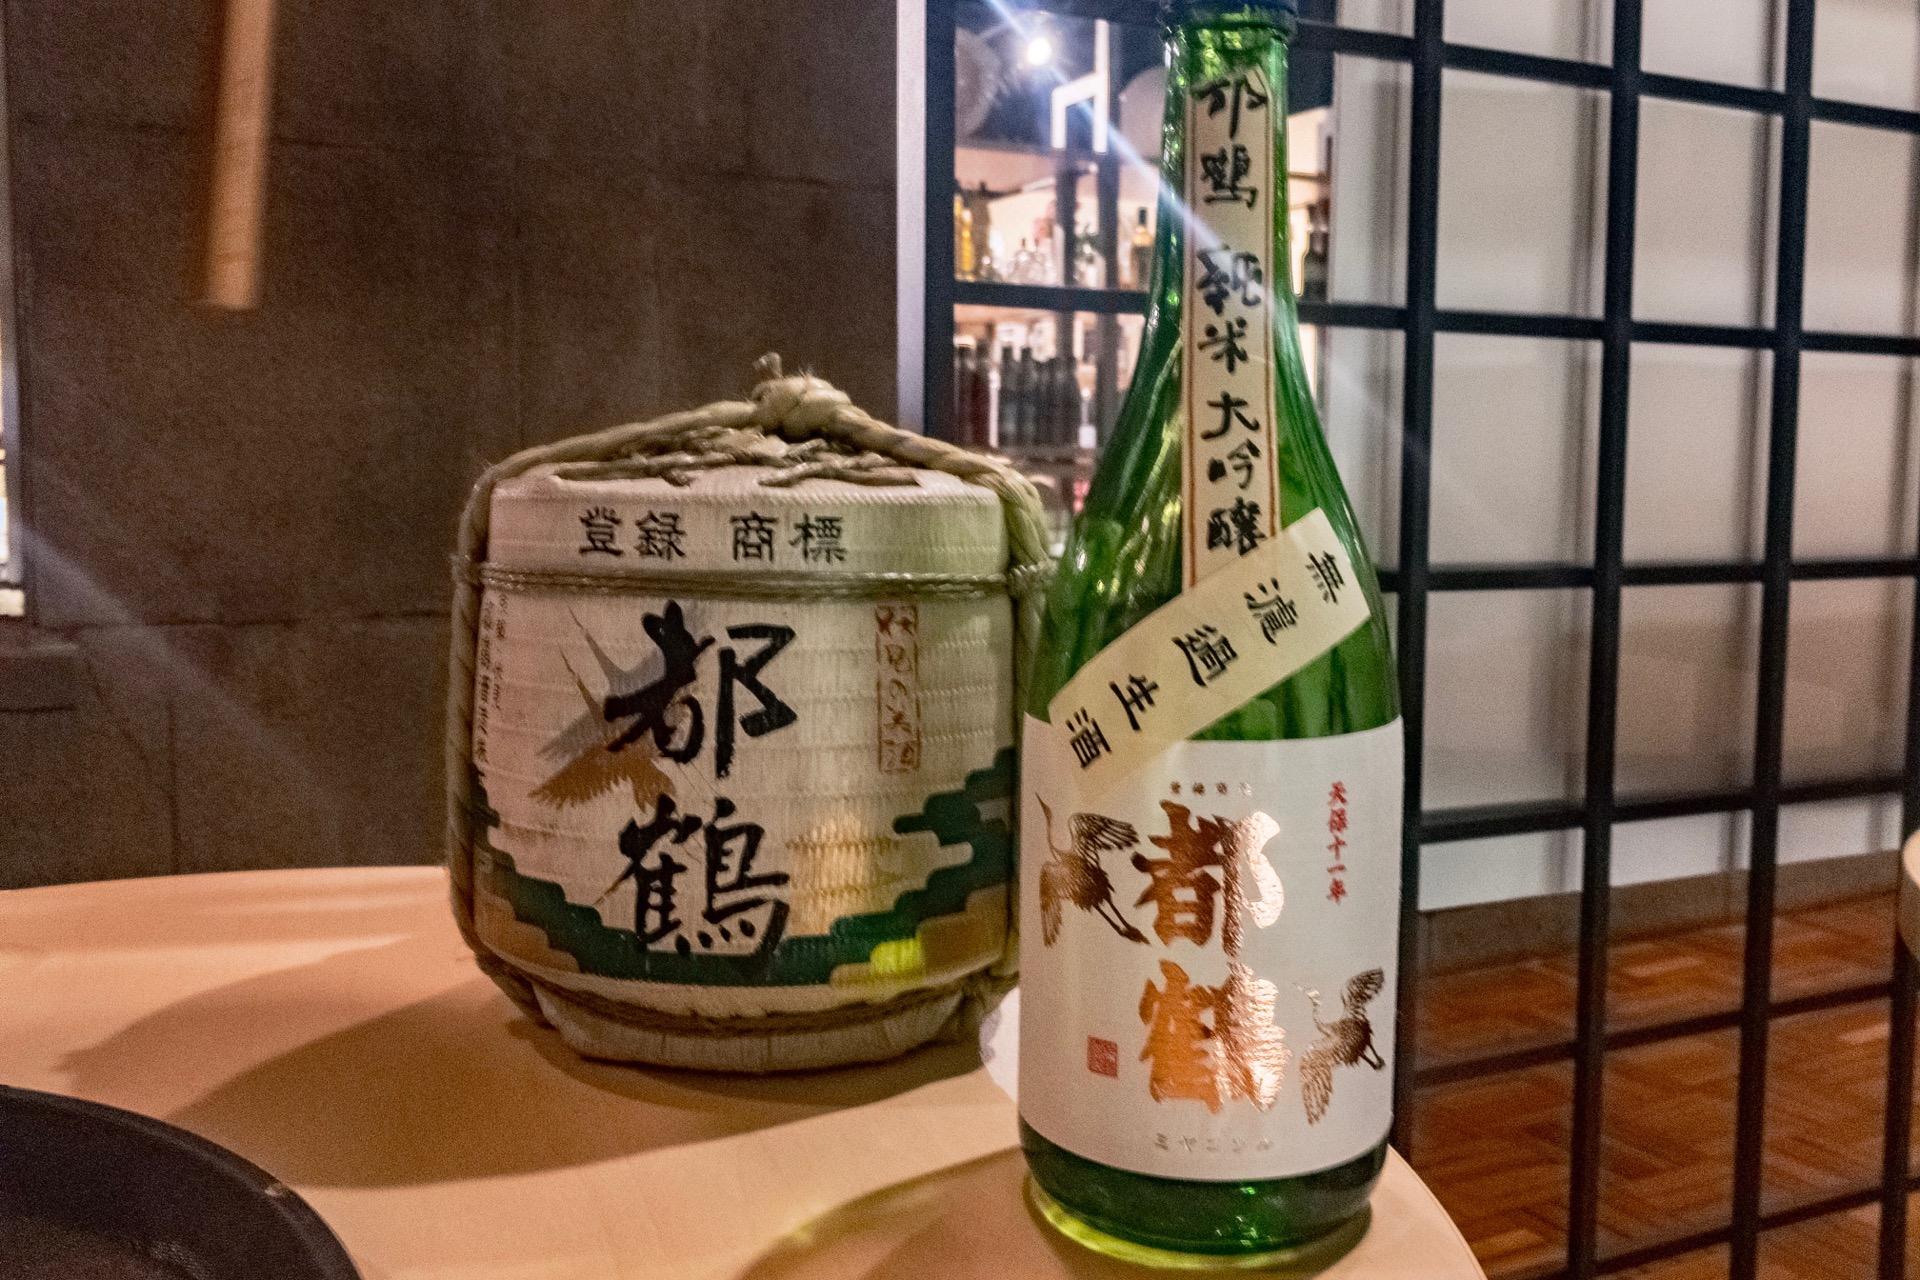 都鶴 純米大吟醸 生酒|日本酒テイスティングノート